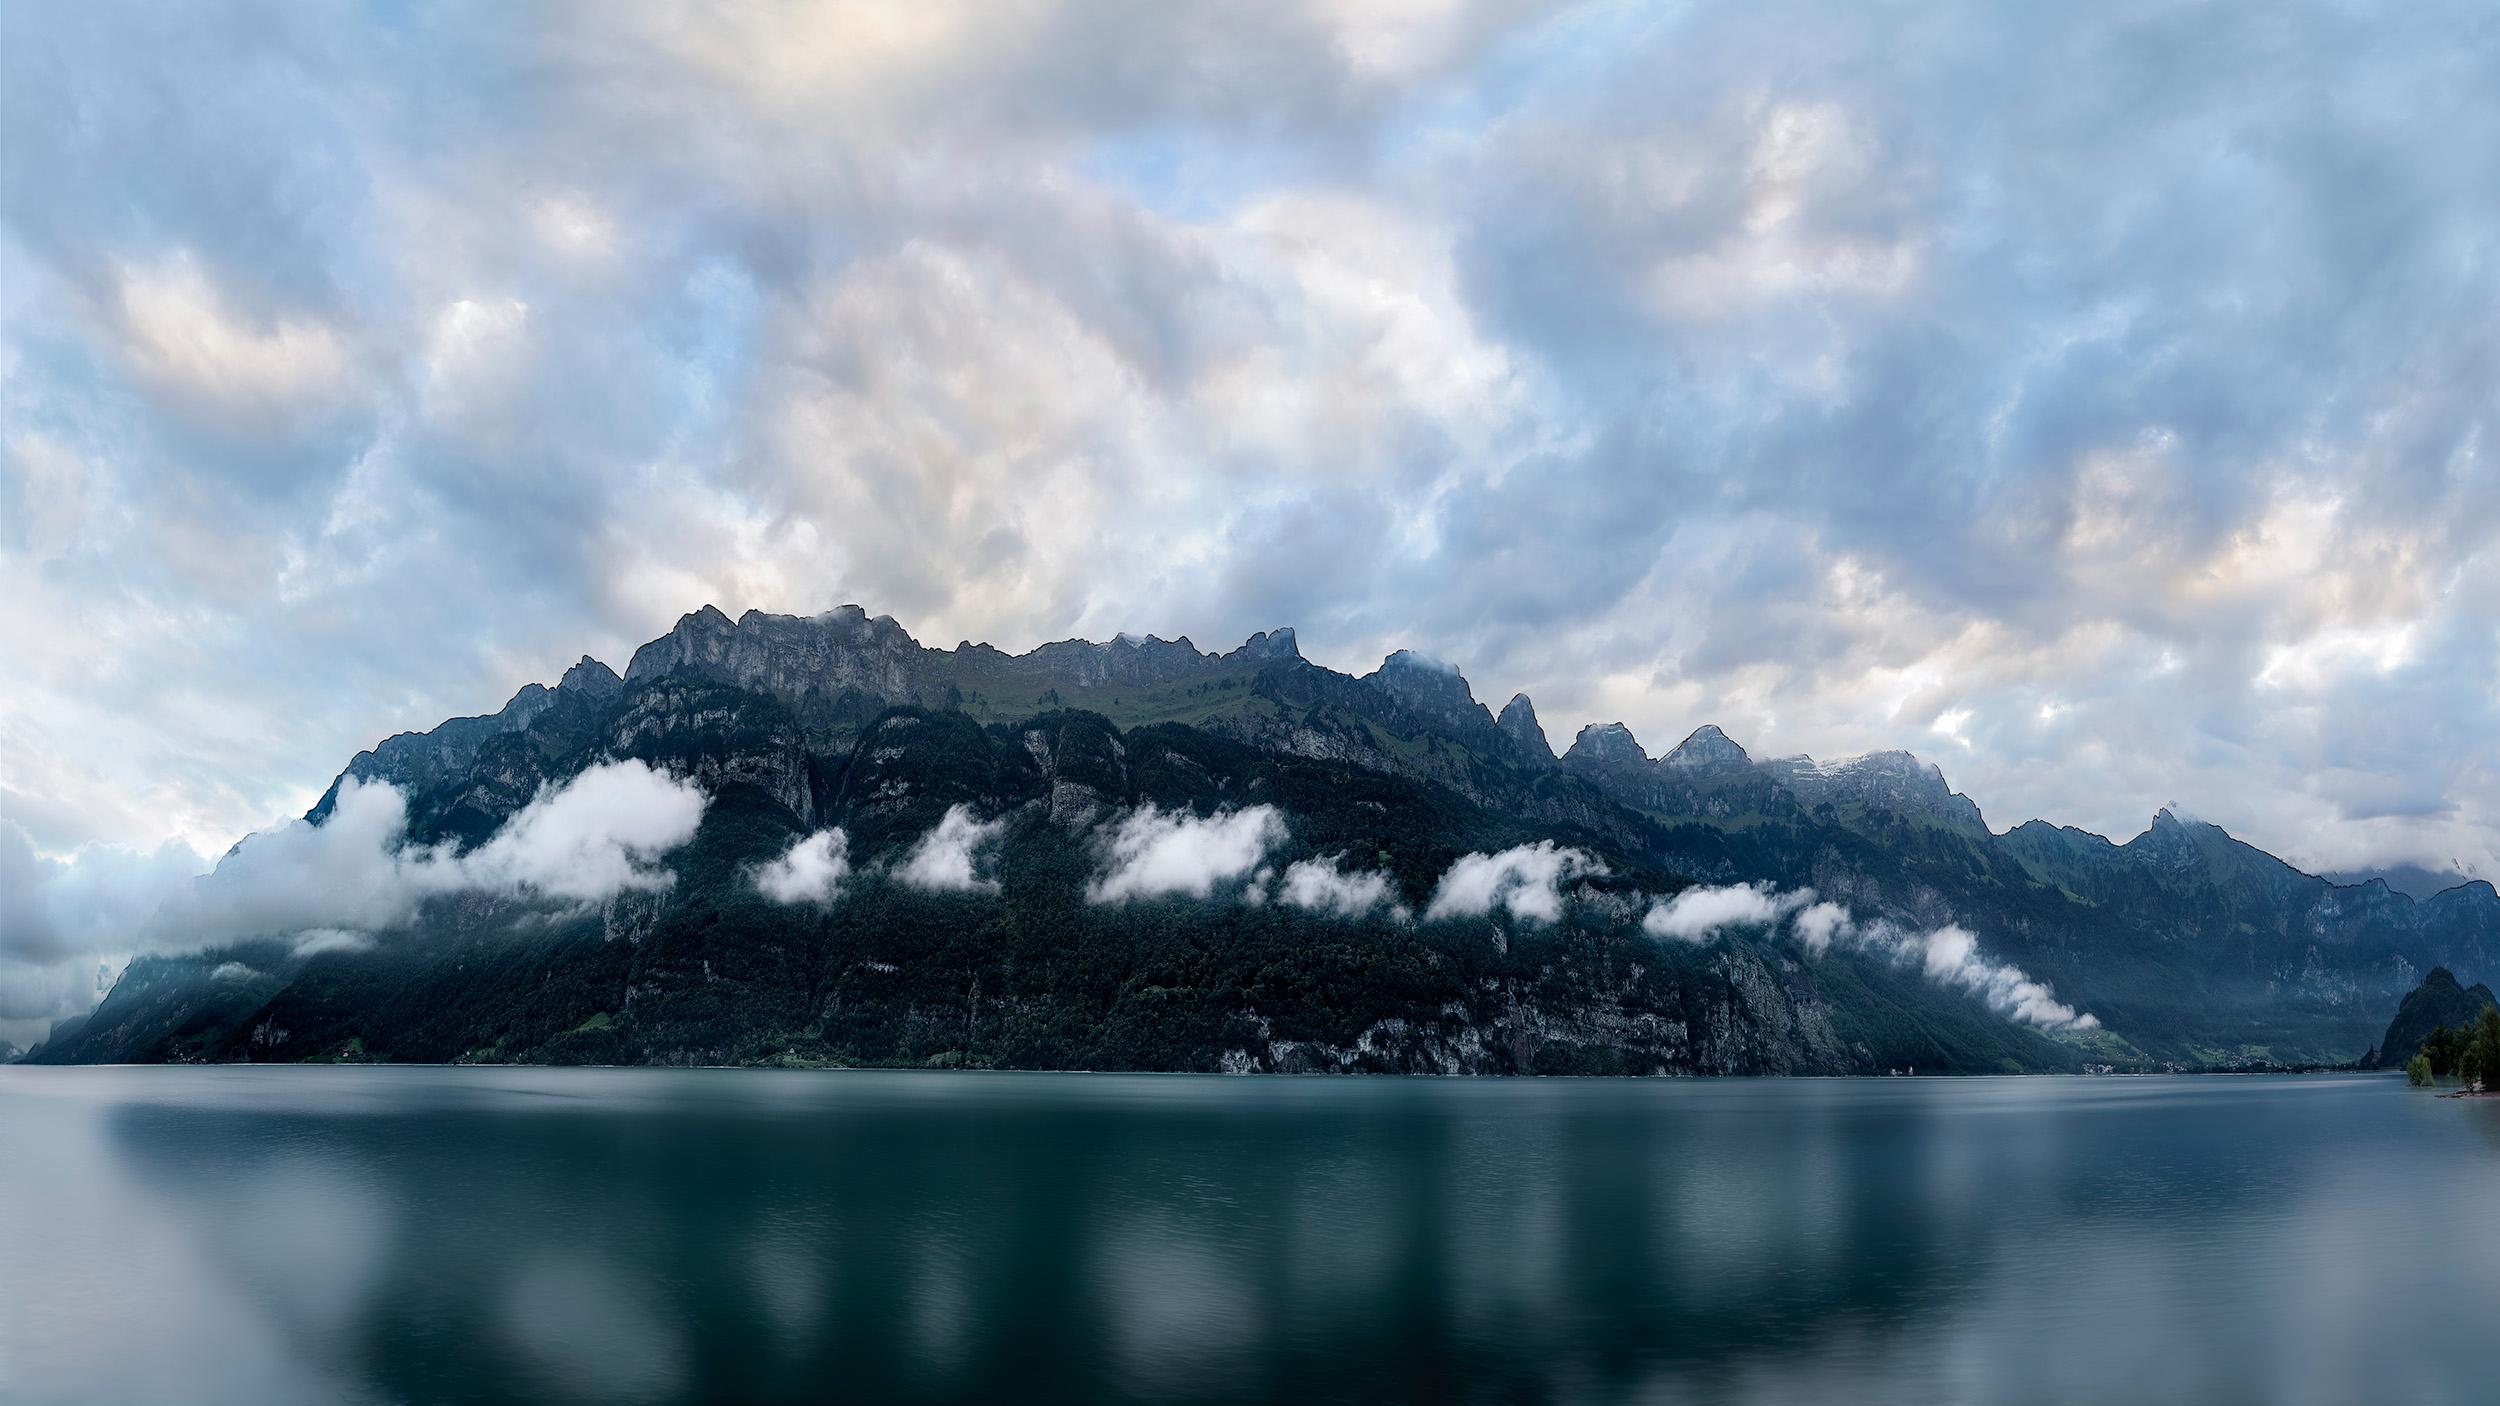 Landschaftsfotografie | Churfirsten, Schweiz